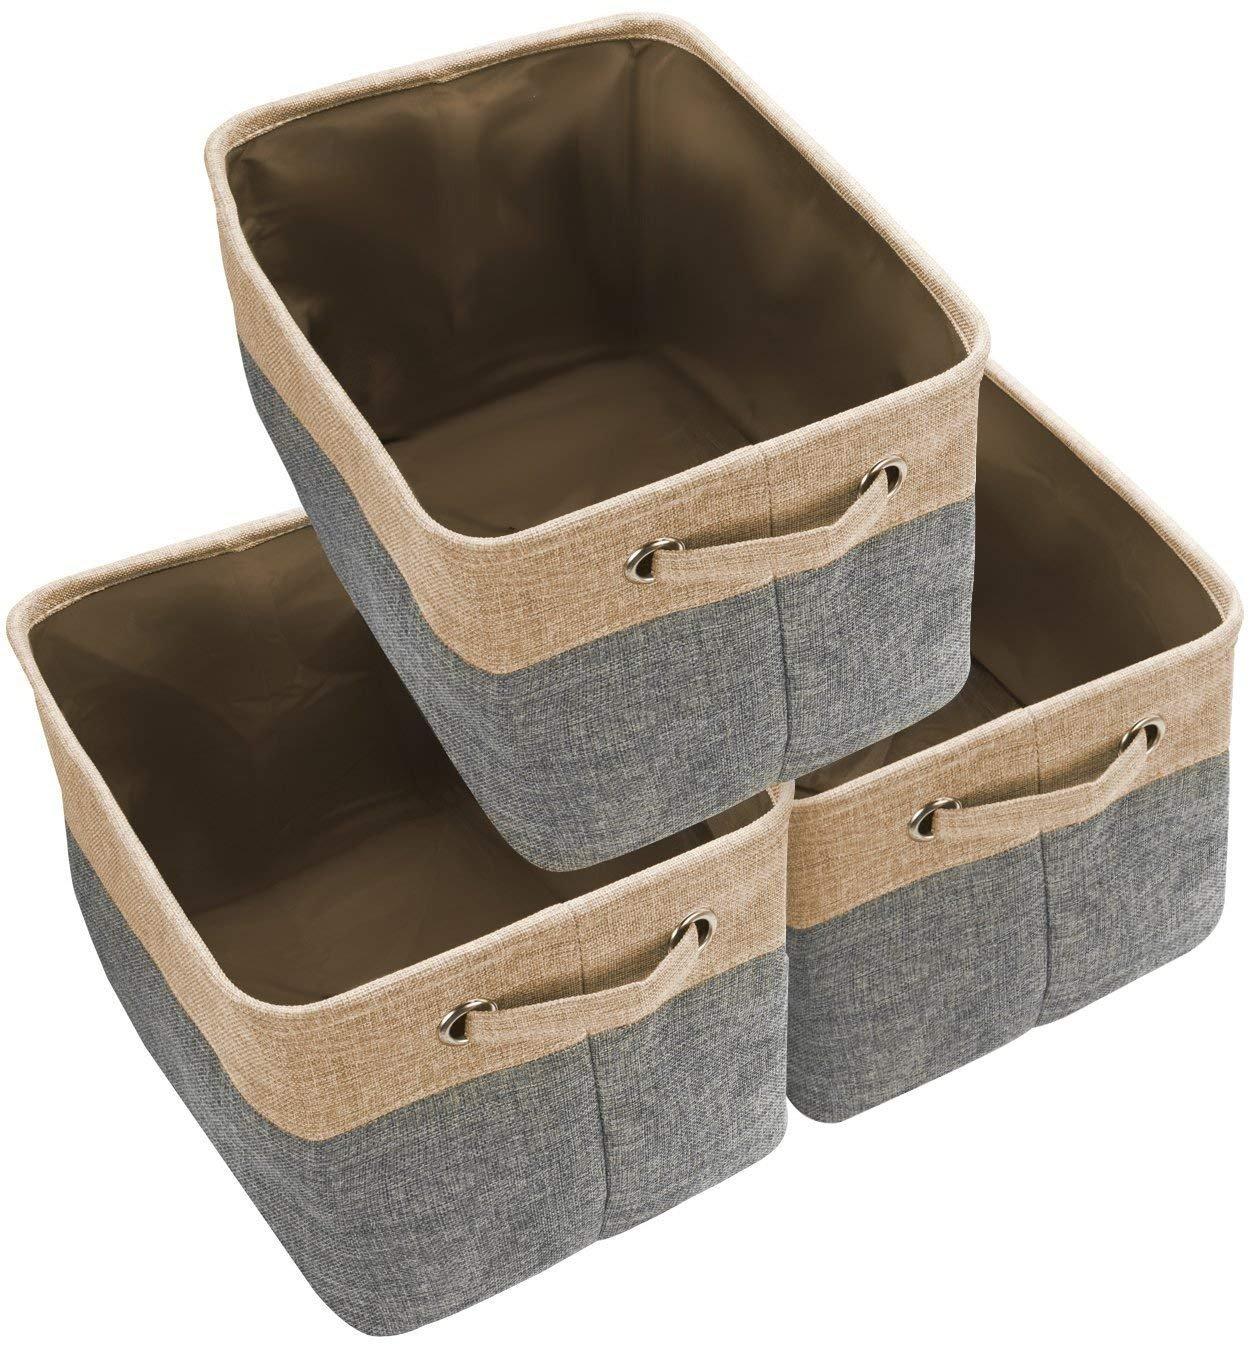 Awekris Large Storage Basket Bin Set